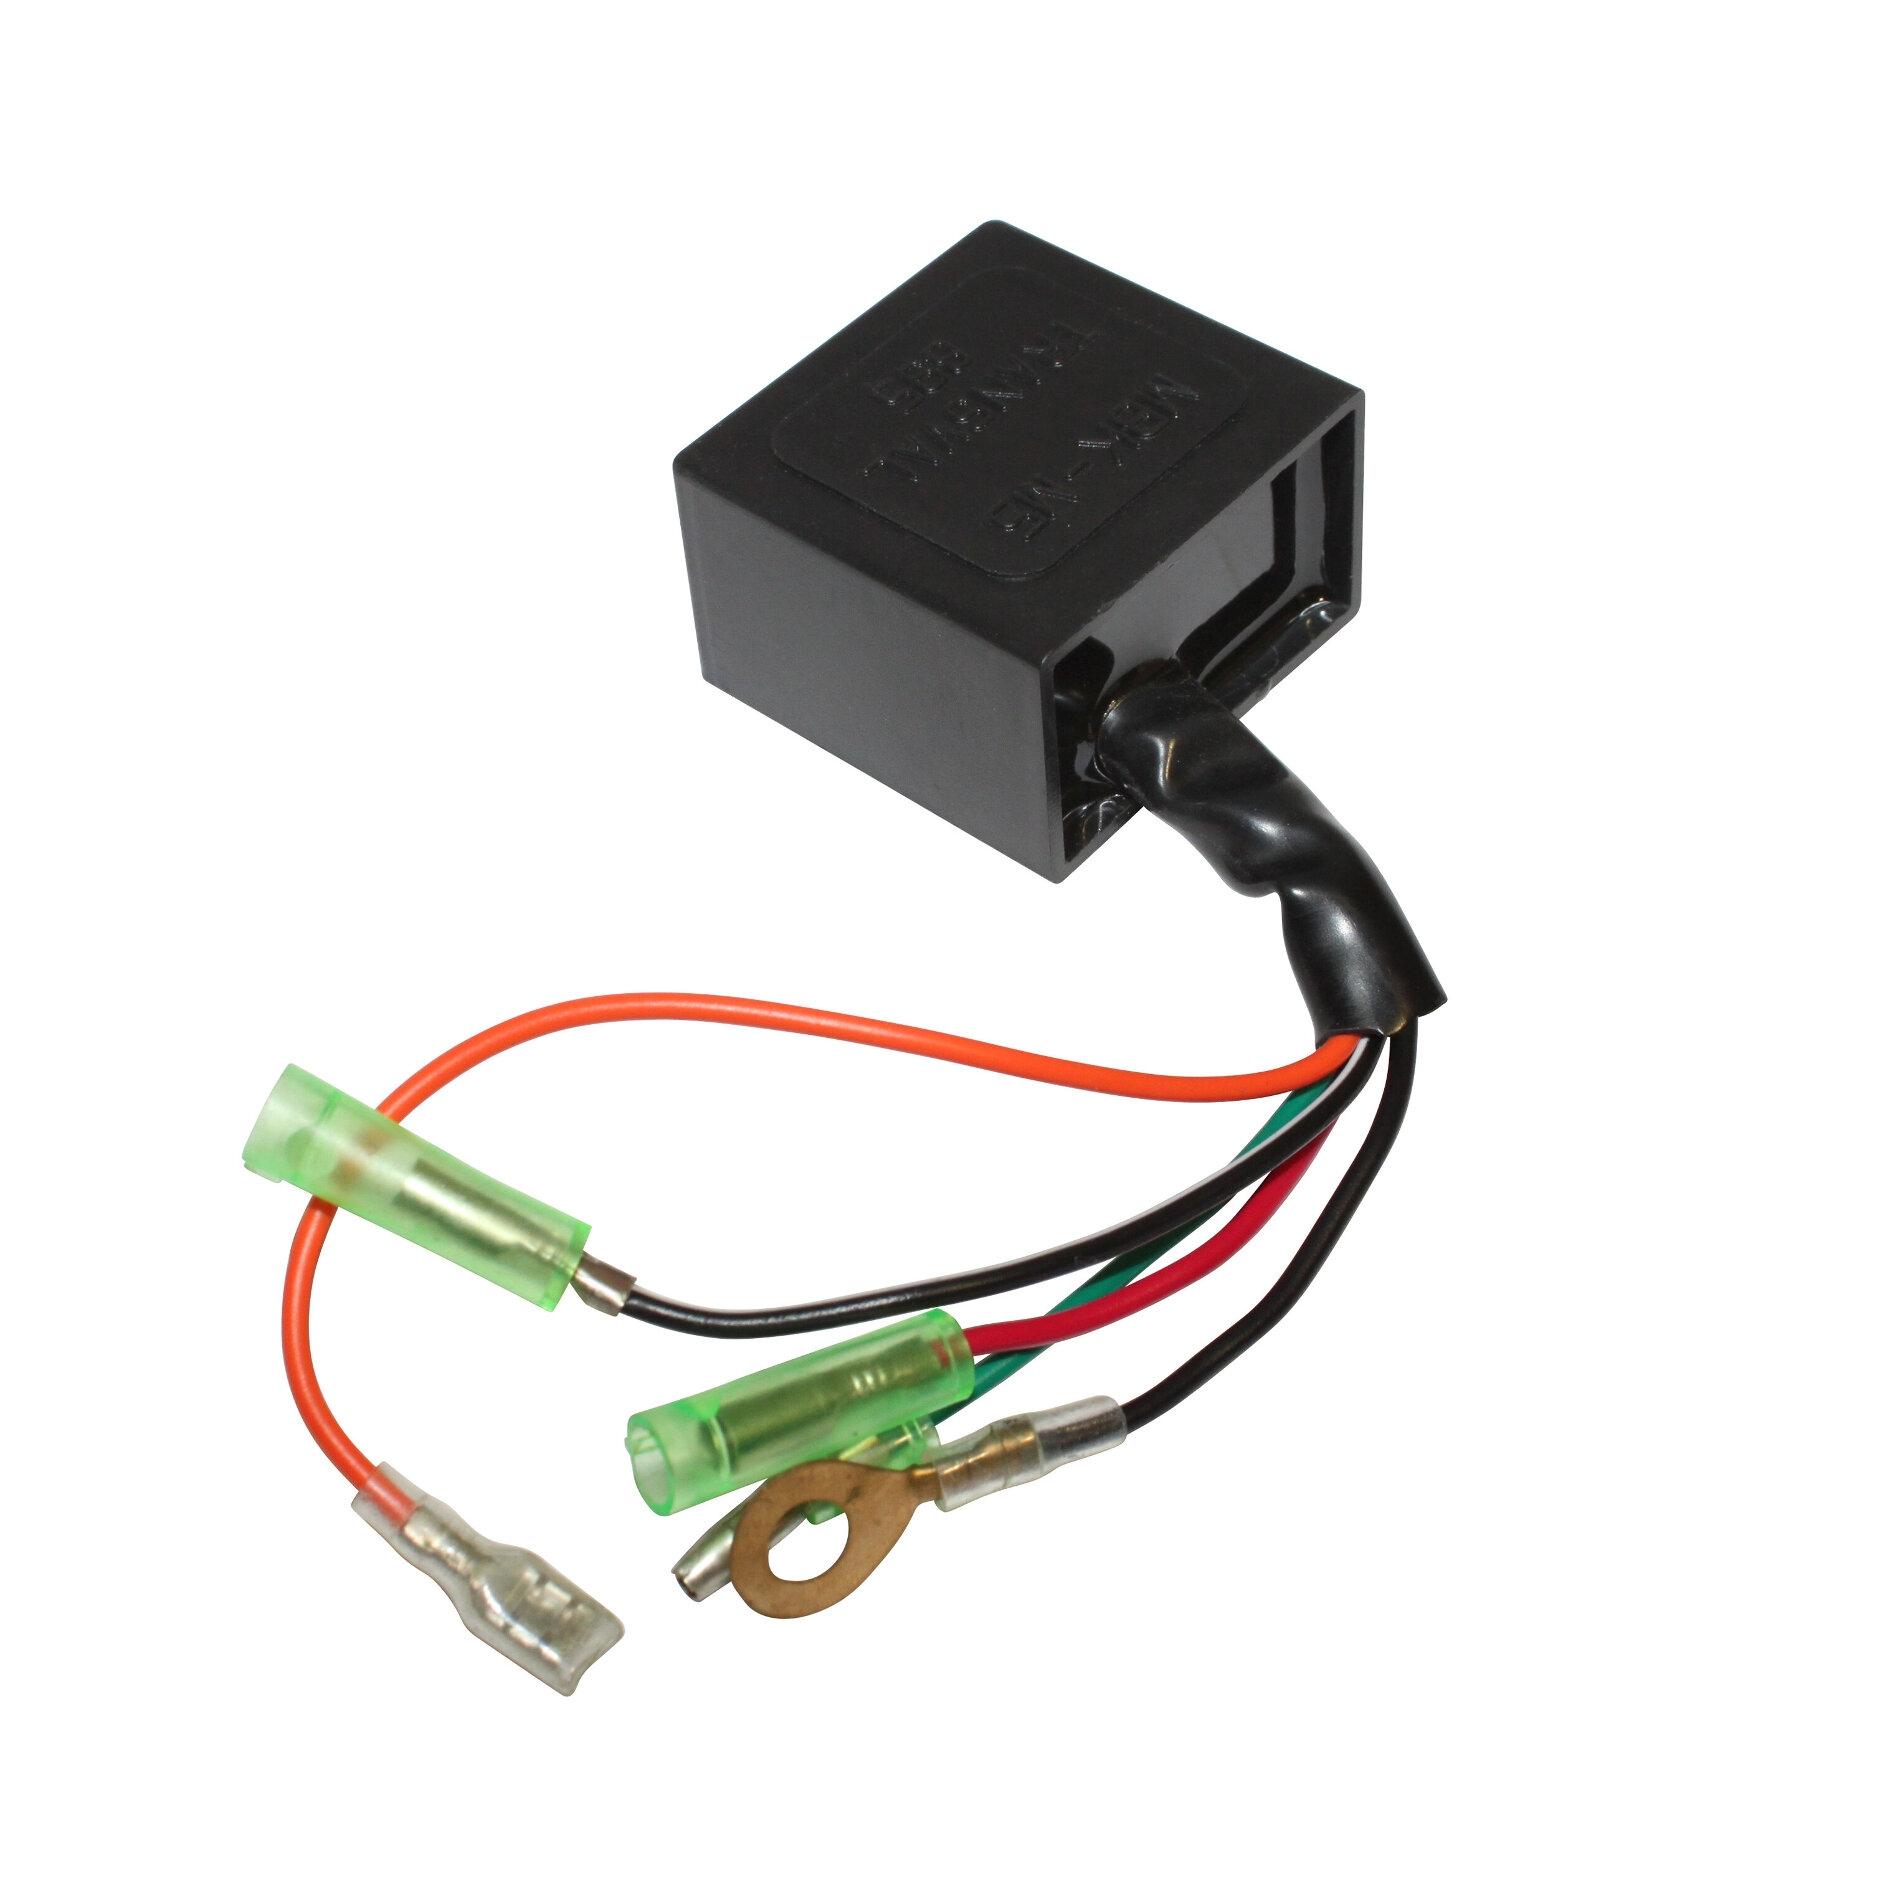 Bloc CDI MBK 51 électronique